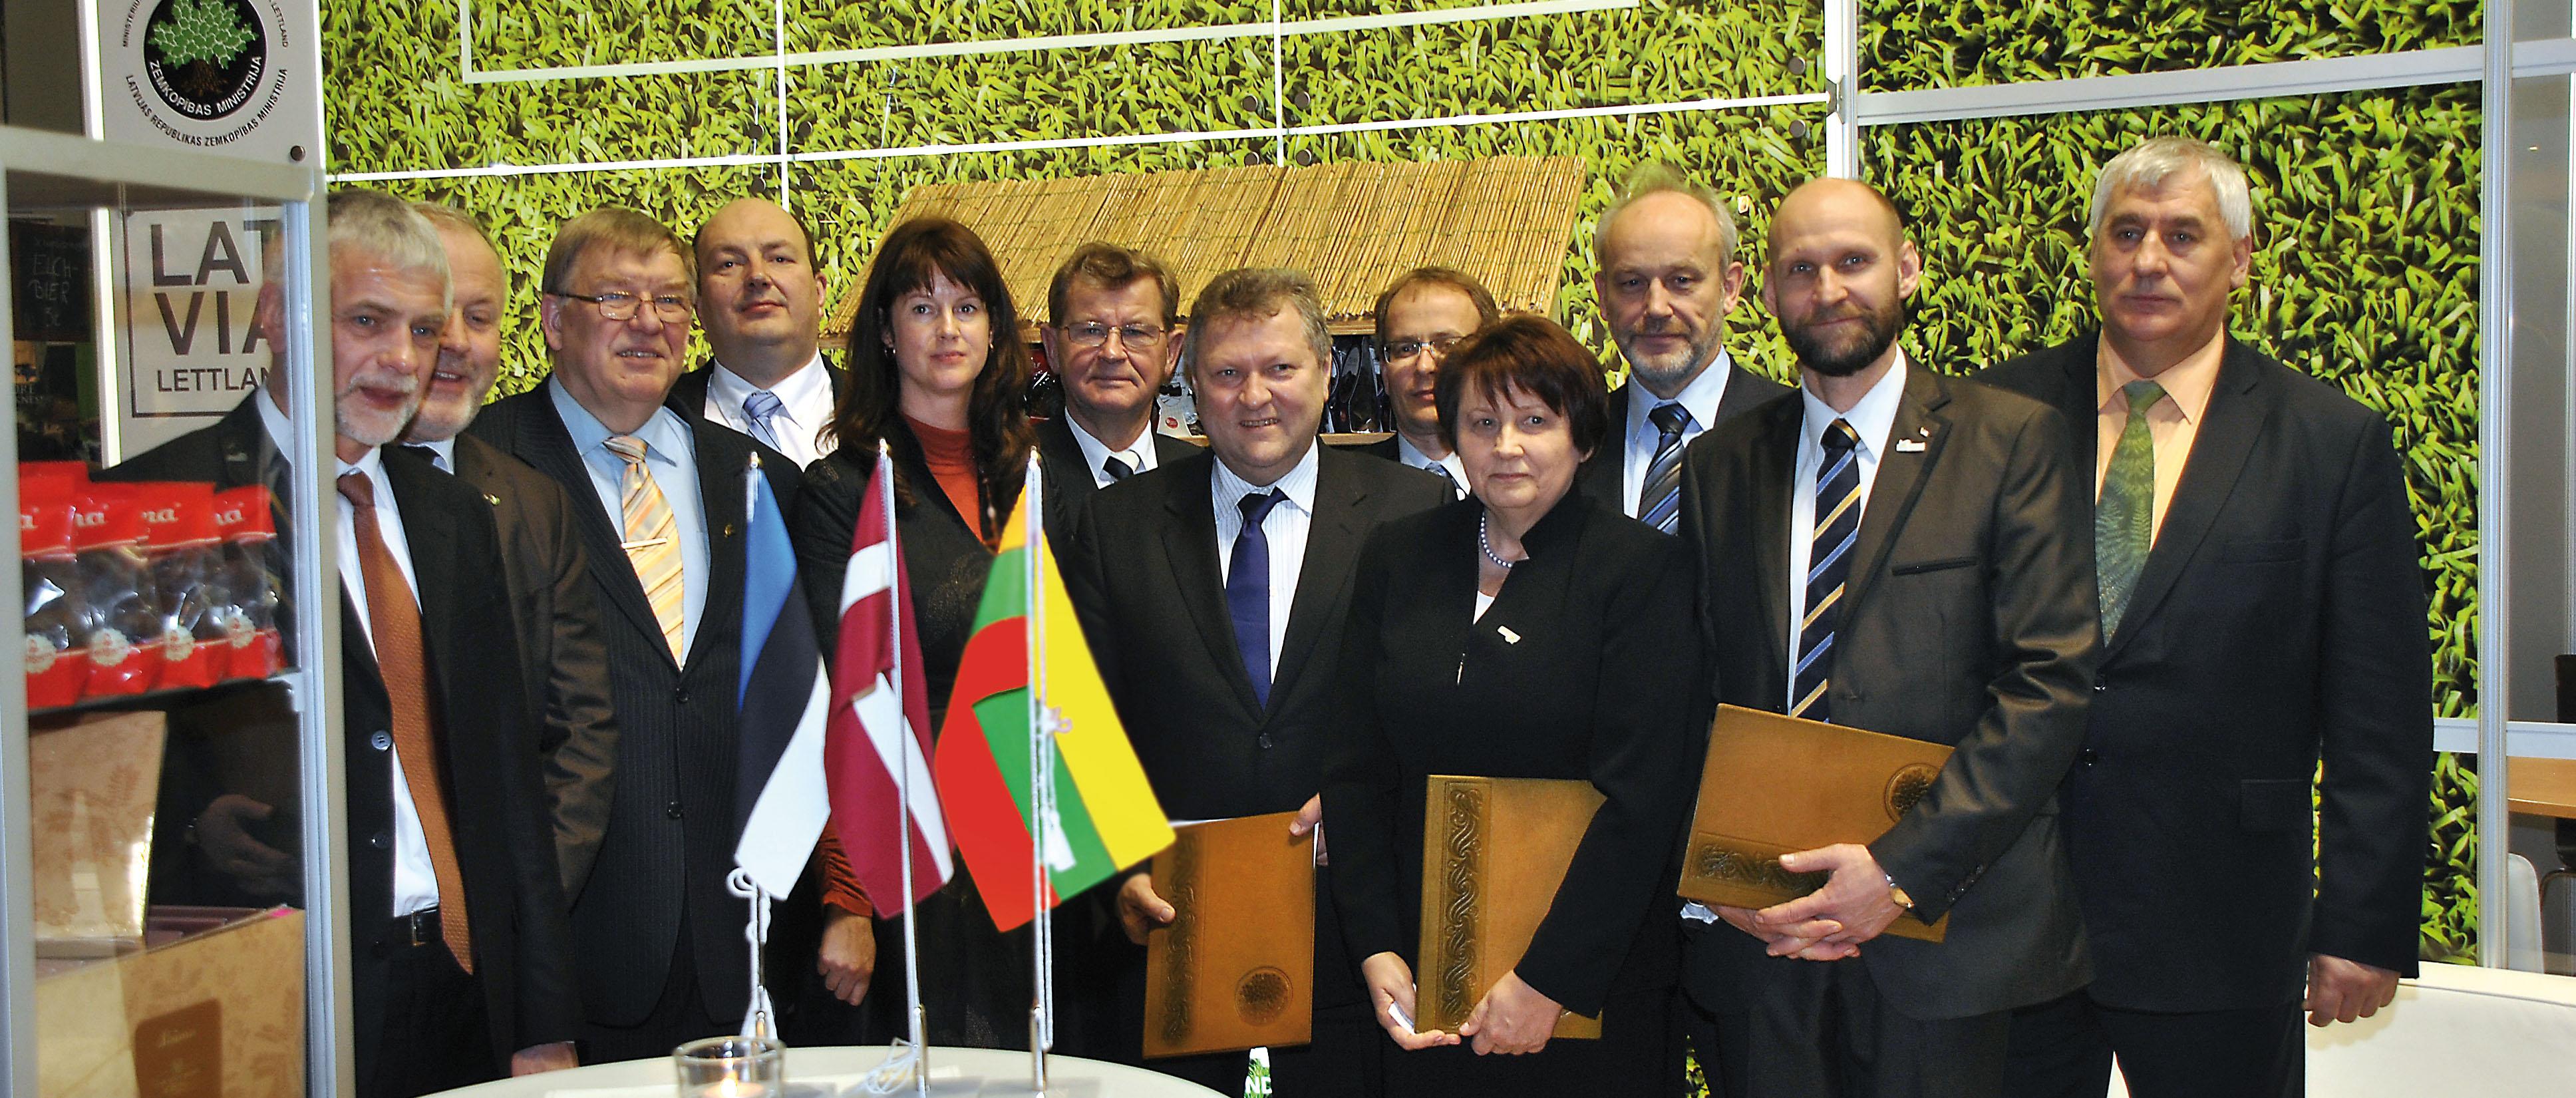 Zaļā nedēļa 2012